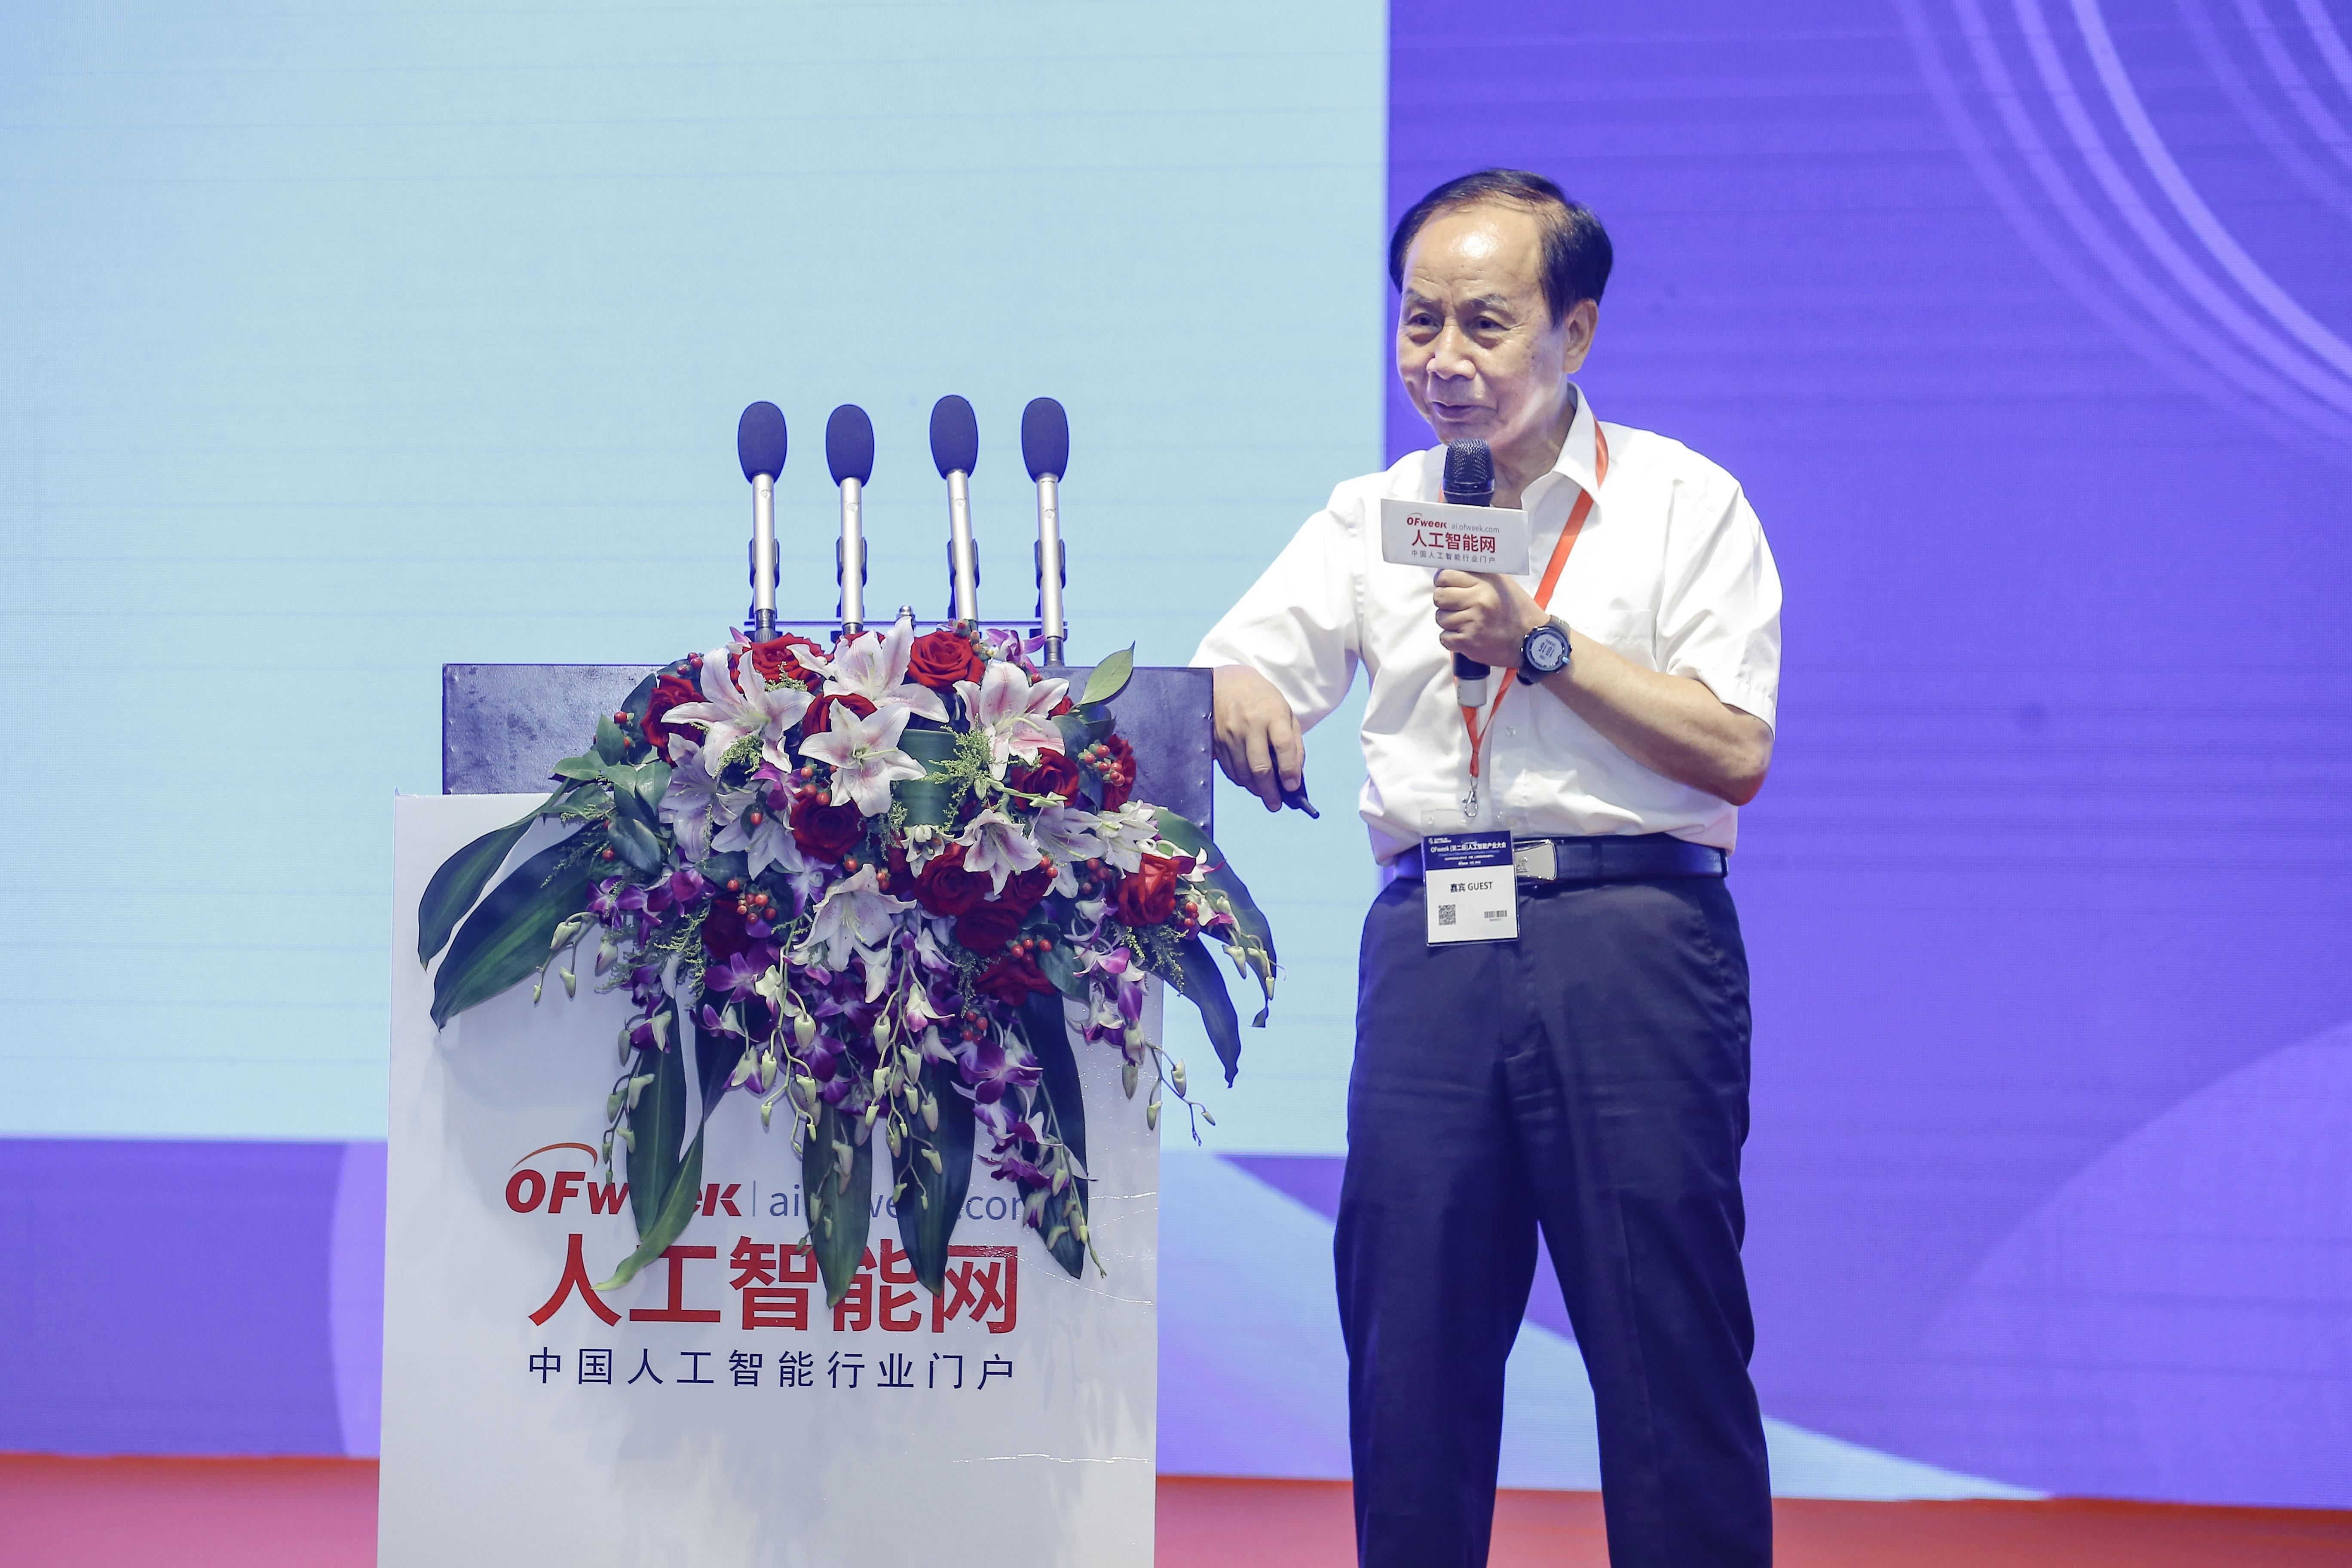 IEEE Fellow 蔡自兴教授:人工智能产业化的战略思考